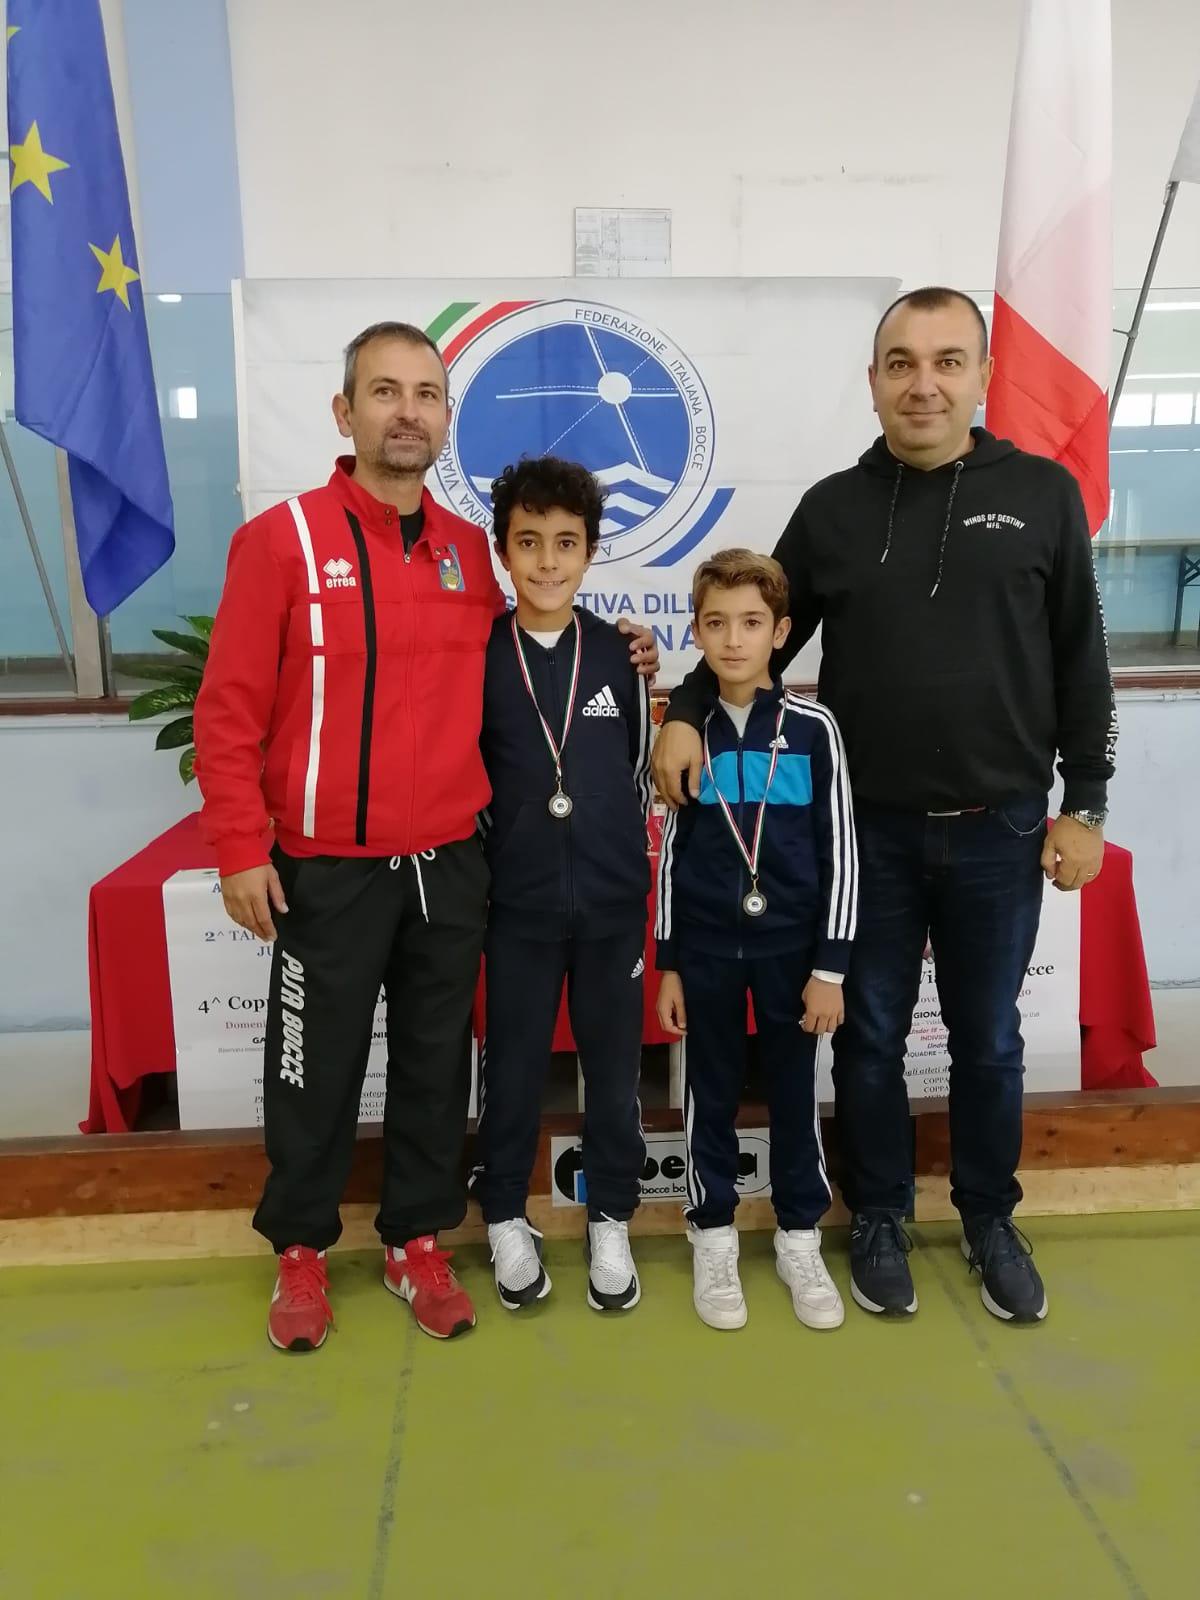 Coppa Toscana Juniores 2019 Tappa 2 Migliarina 17 11 19 (8)